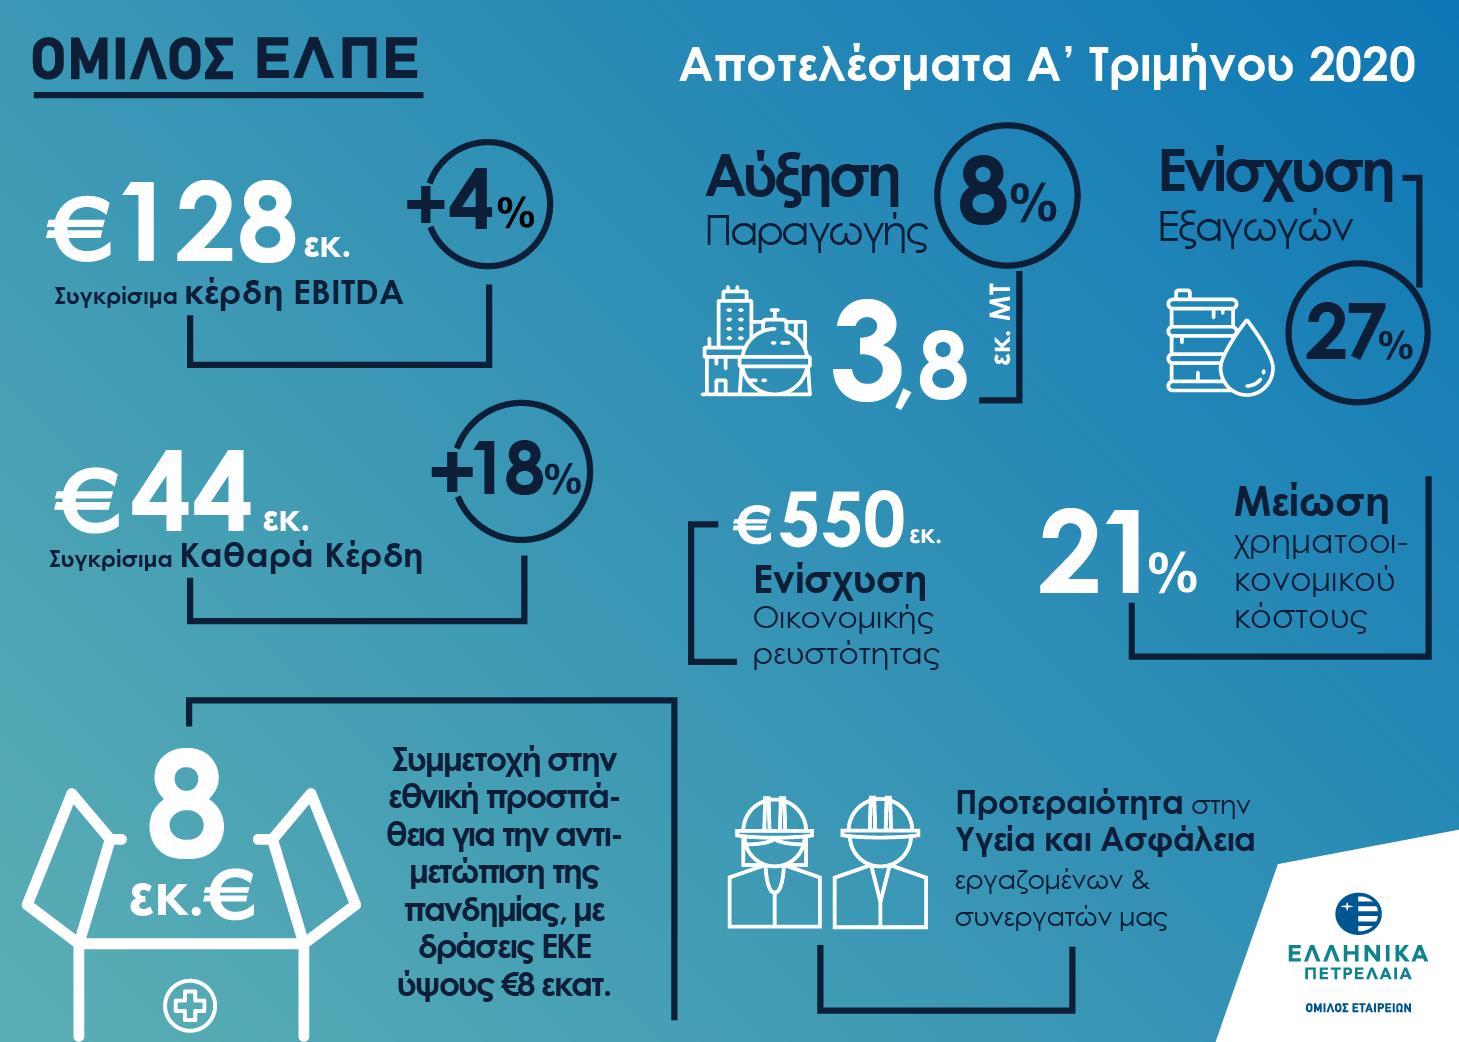 ΕΛΠΕ: Ανθεκτική η εικόνα των αποτελεσμάτων στο α' τρίμηνο του 2020